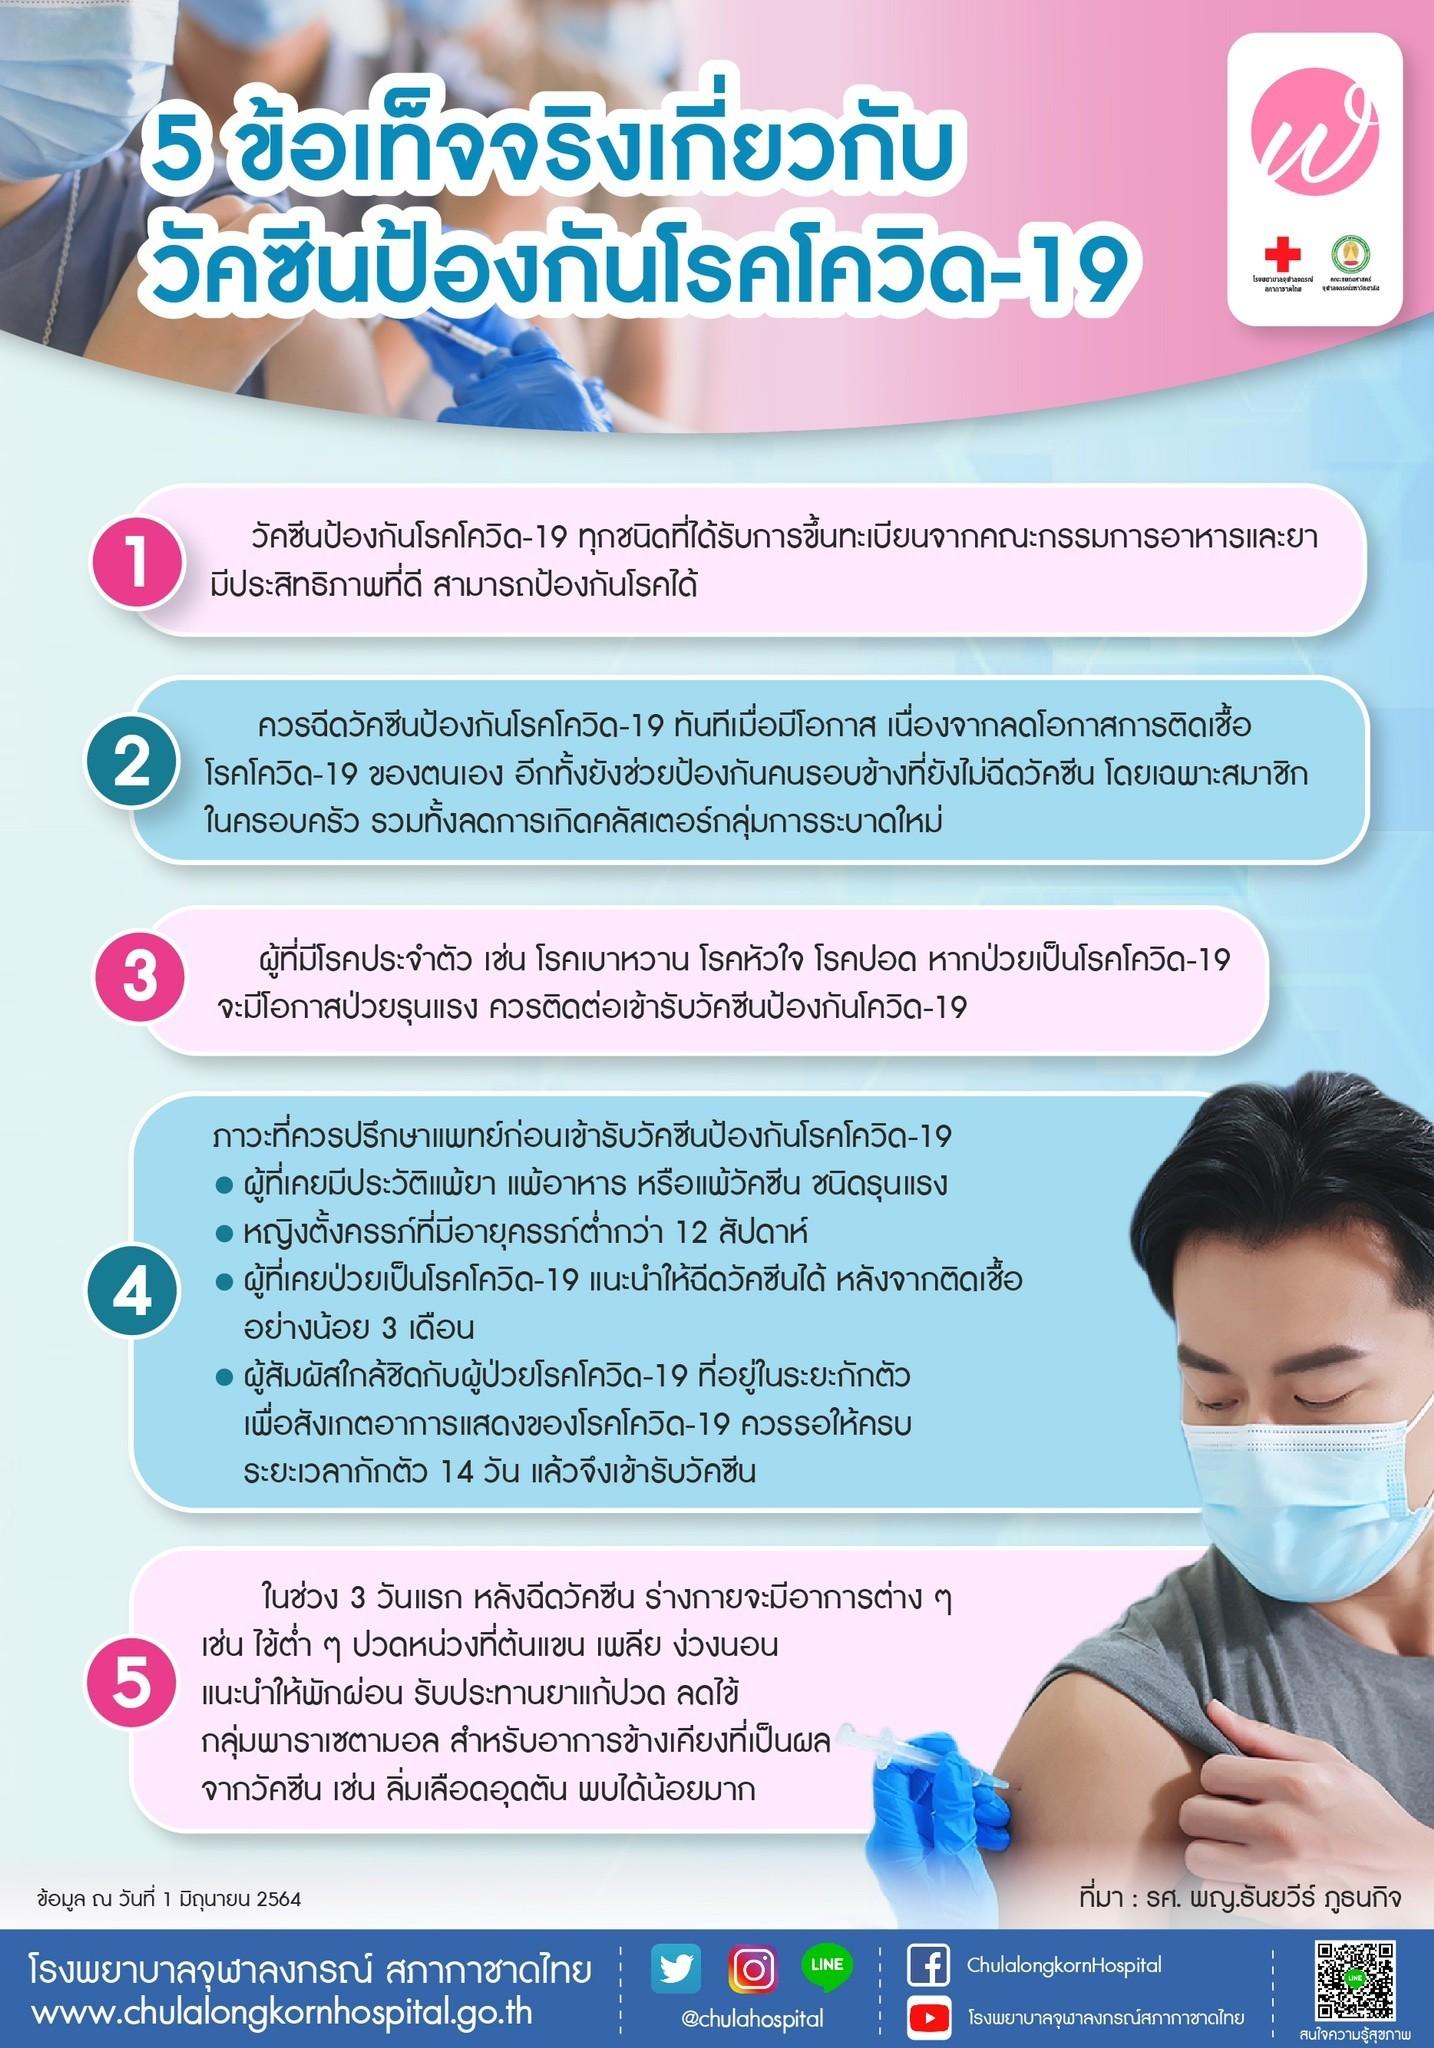 5 ข้อเท็จจริงเกี่ยวกับวัคซีนป้องกันโรคโควิด-19